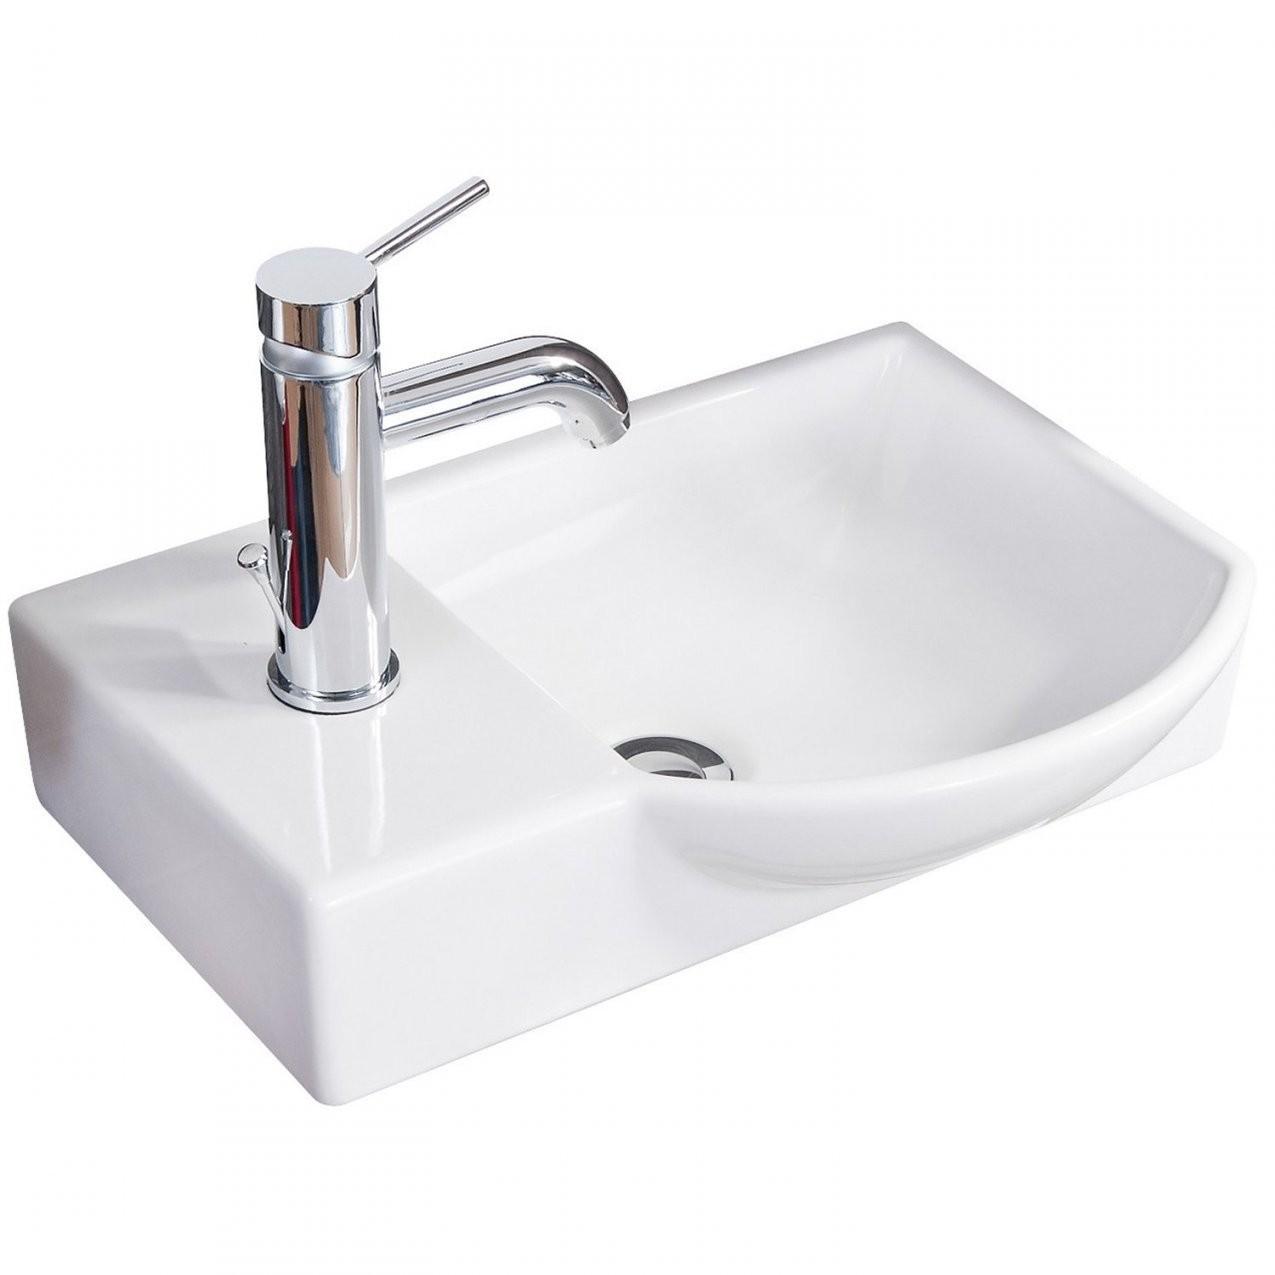 Eckig Waschbecken Online Kaufen Bei Obi von Waschbecken Klein Eckig Bild